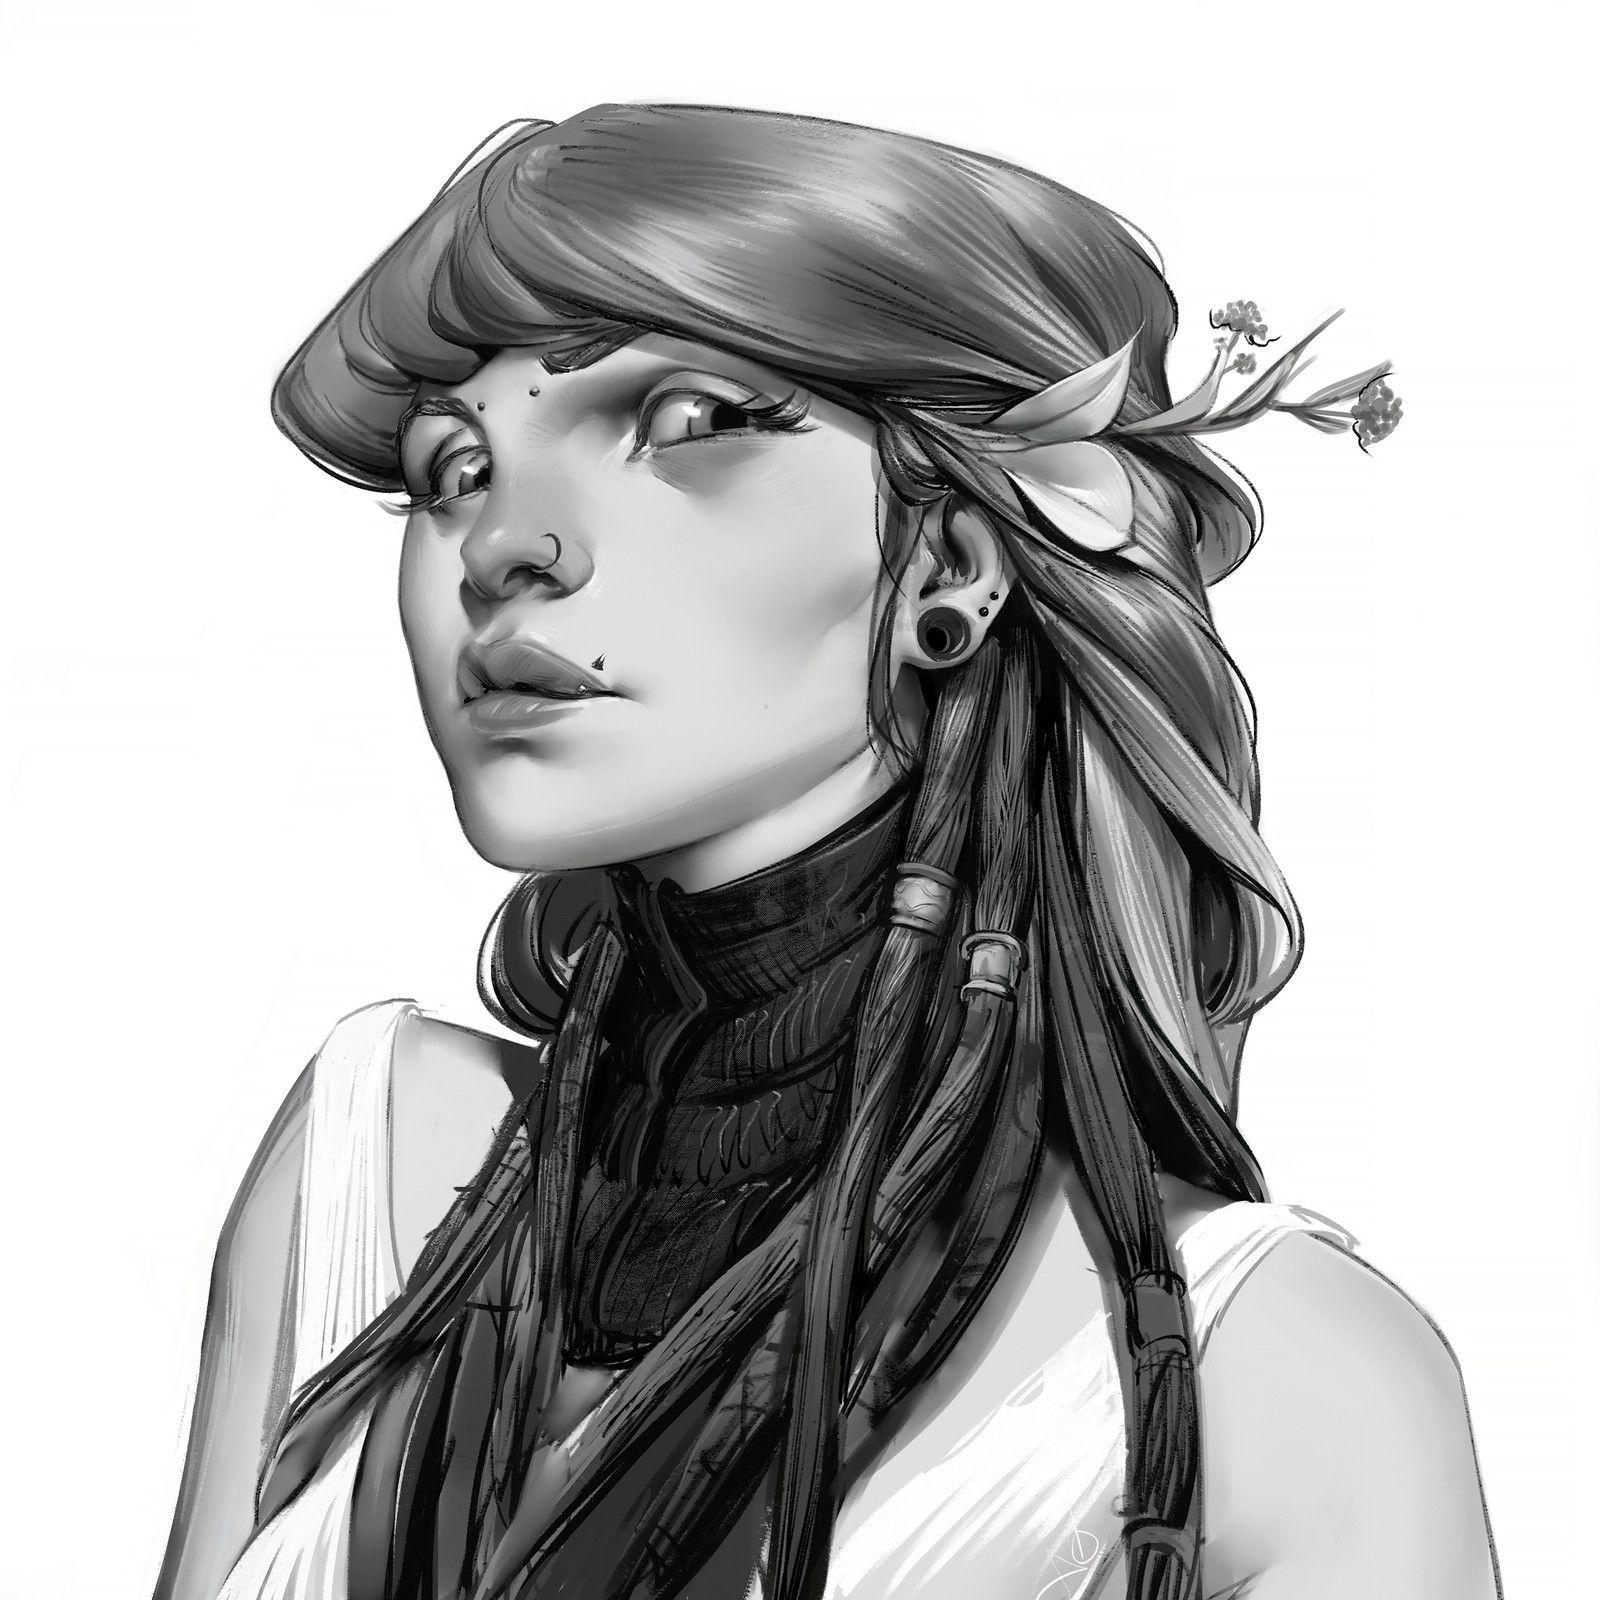 Ramona, Ayran Oberto on ArtStation at https://www.artstation.com/artwork/mnENy